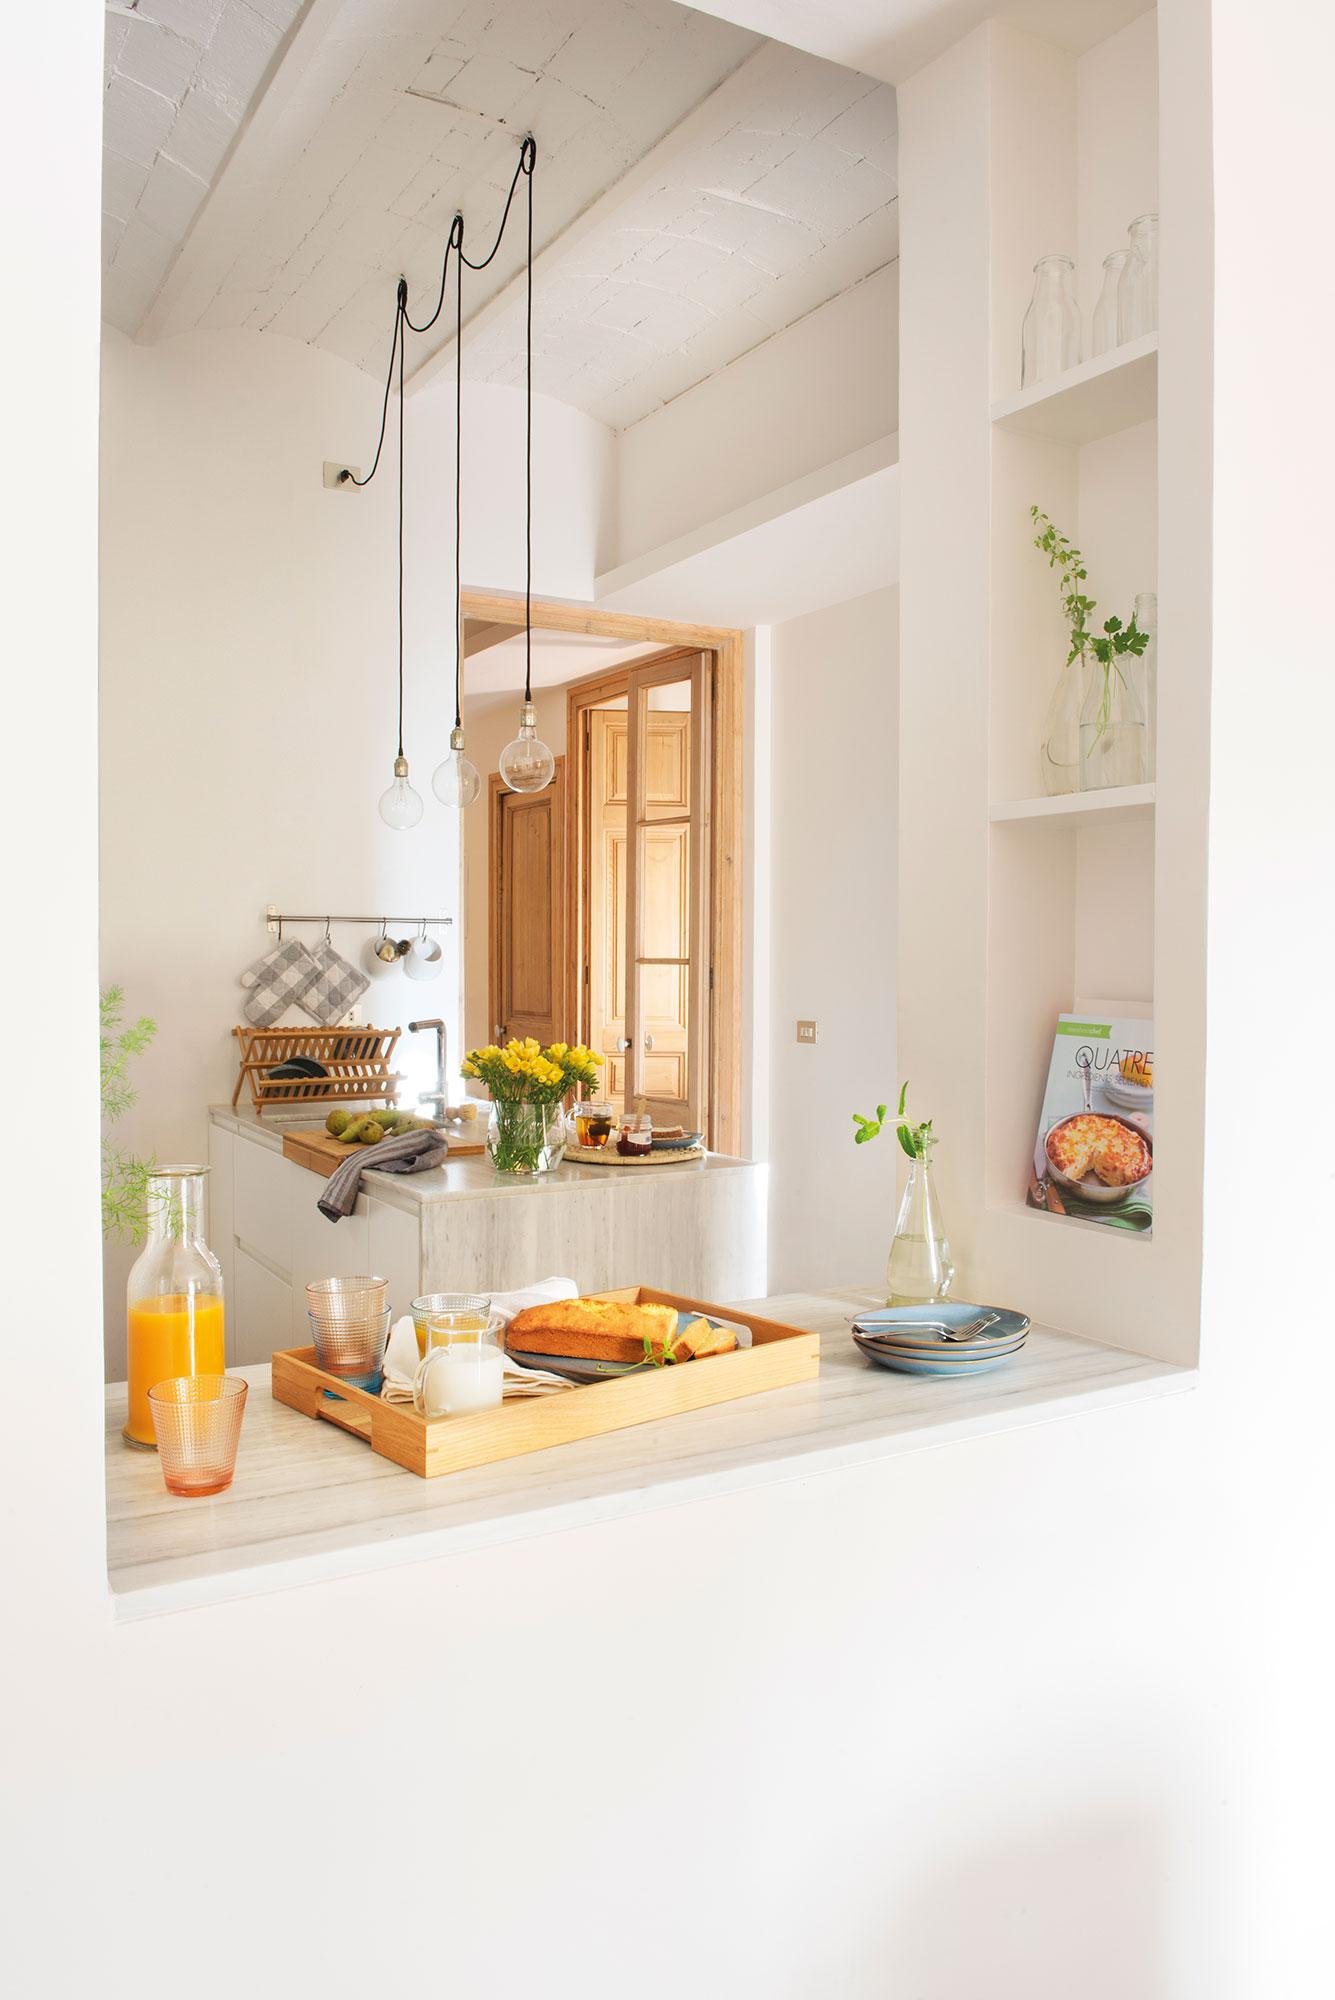 reformar la cocina para ganar metros y luz